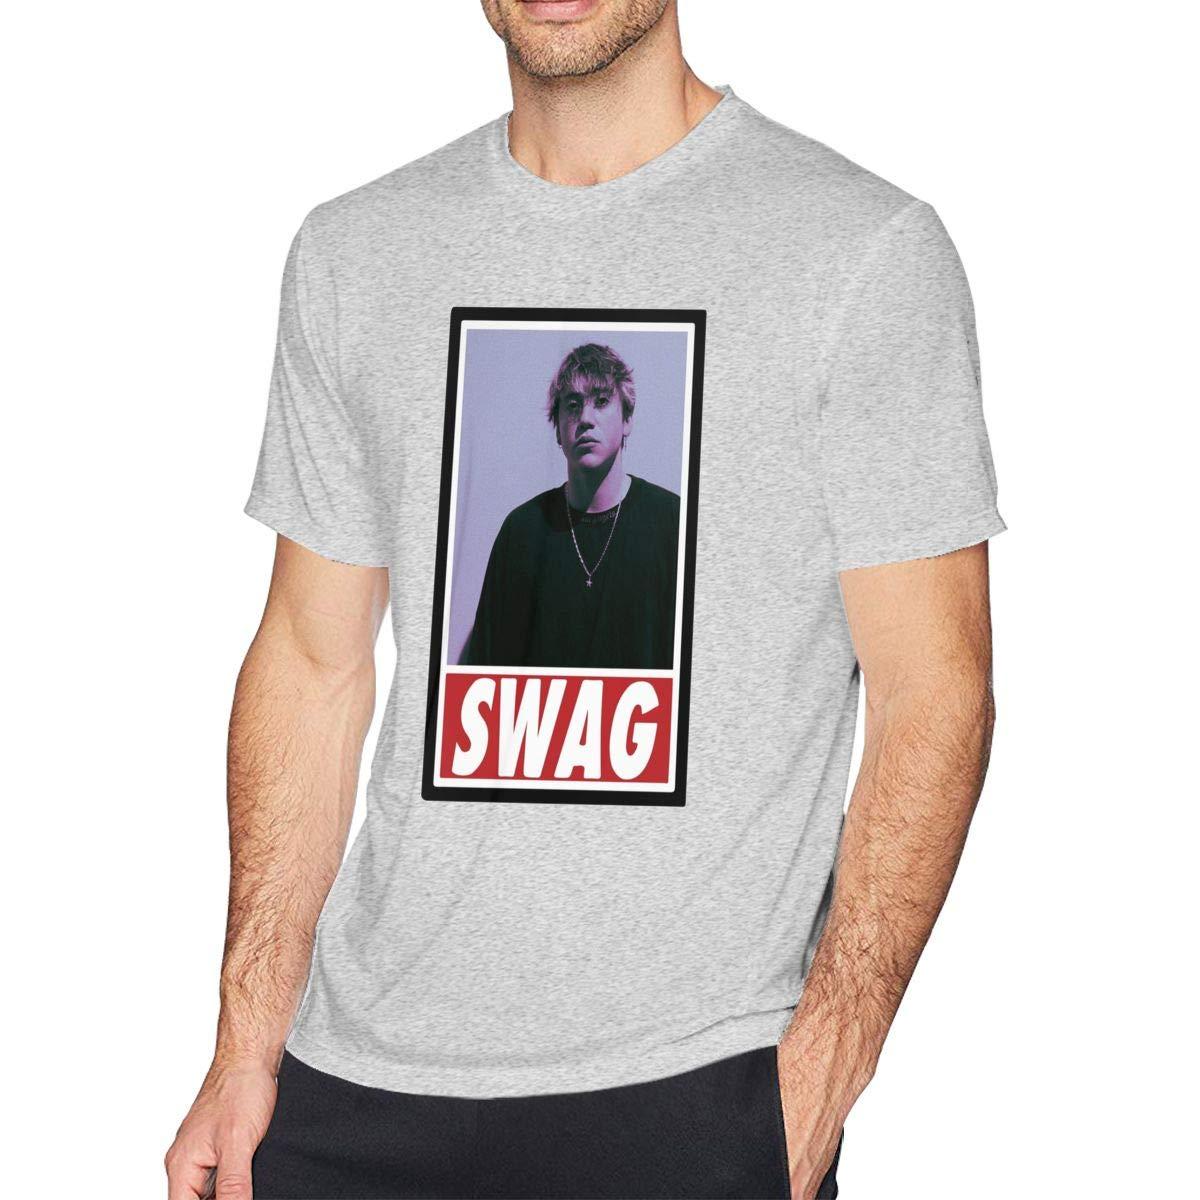 Mens Paulo Swag Lon-dra Tee T-Shirt Black